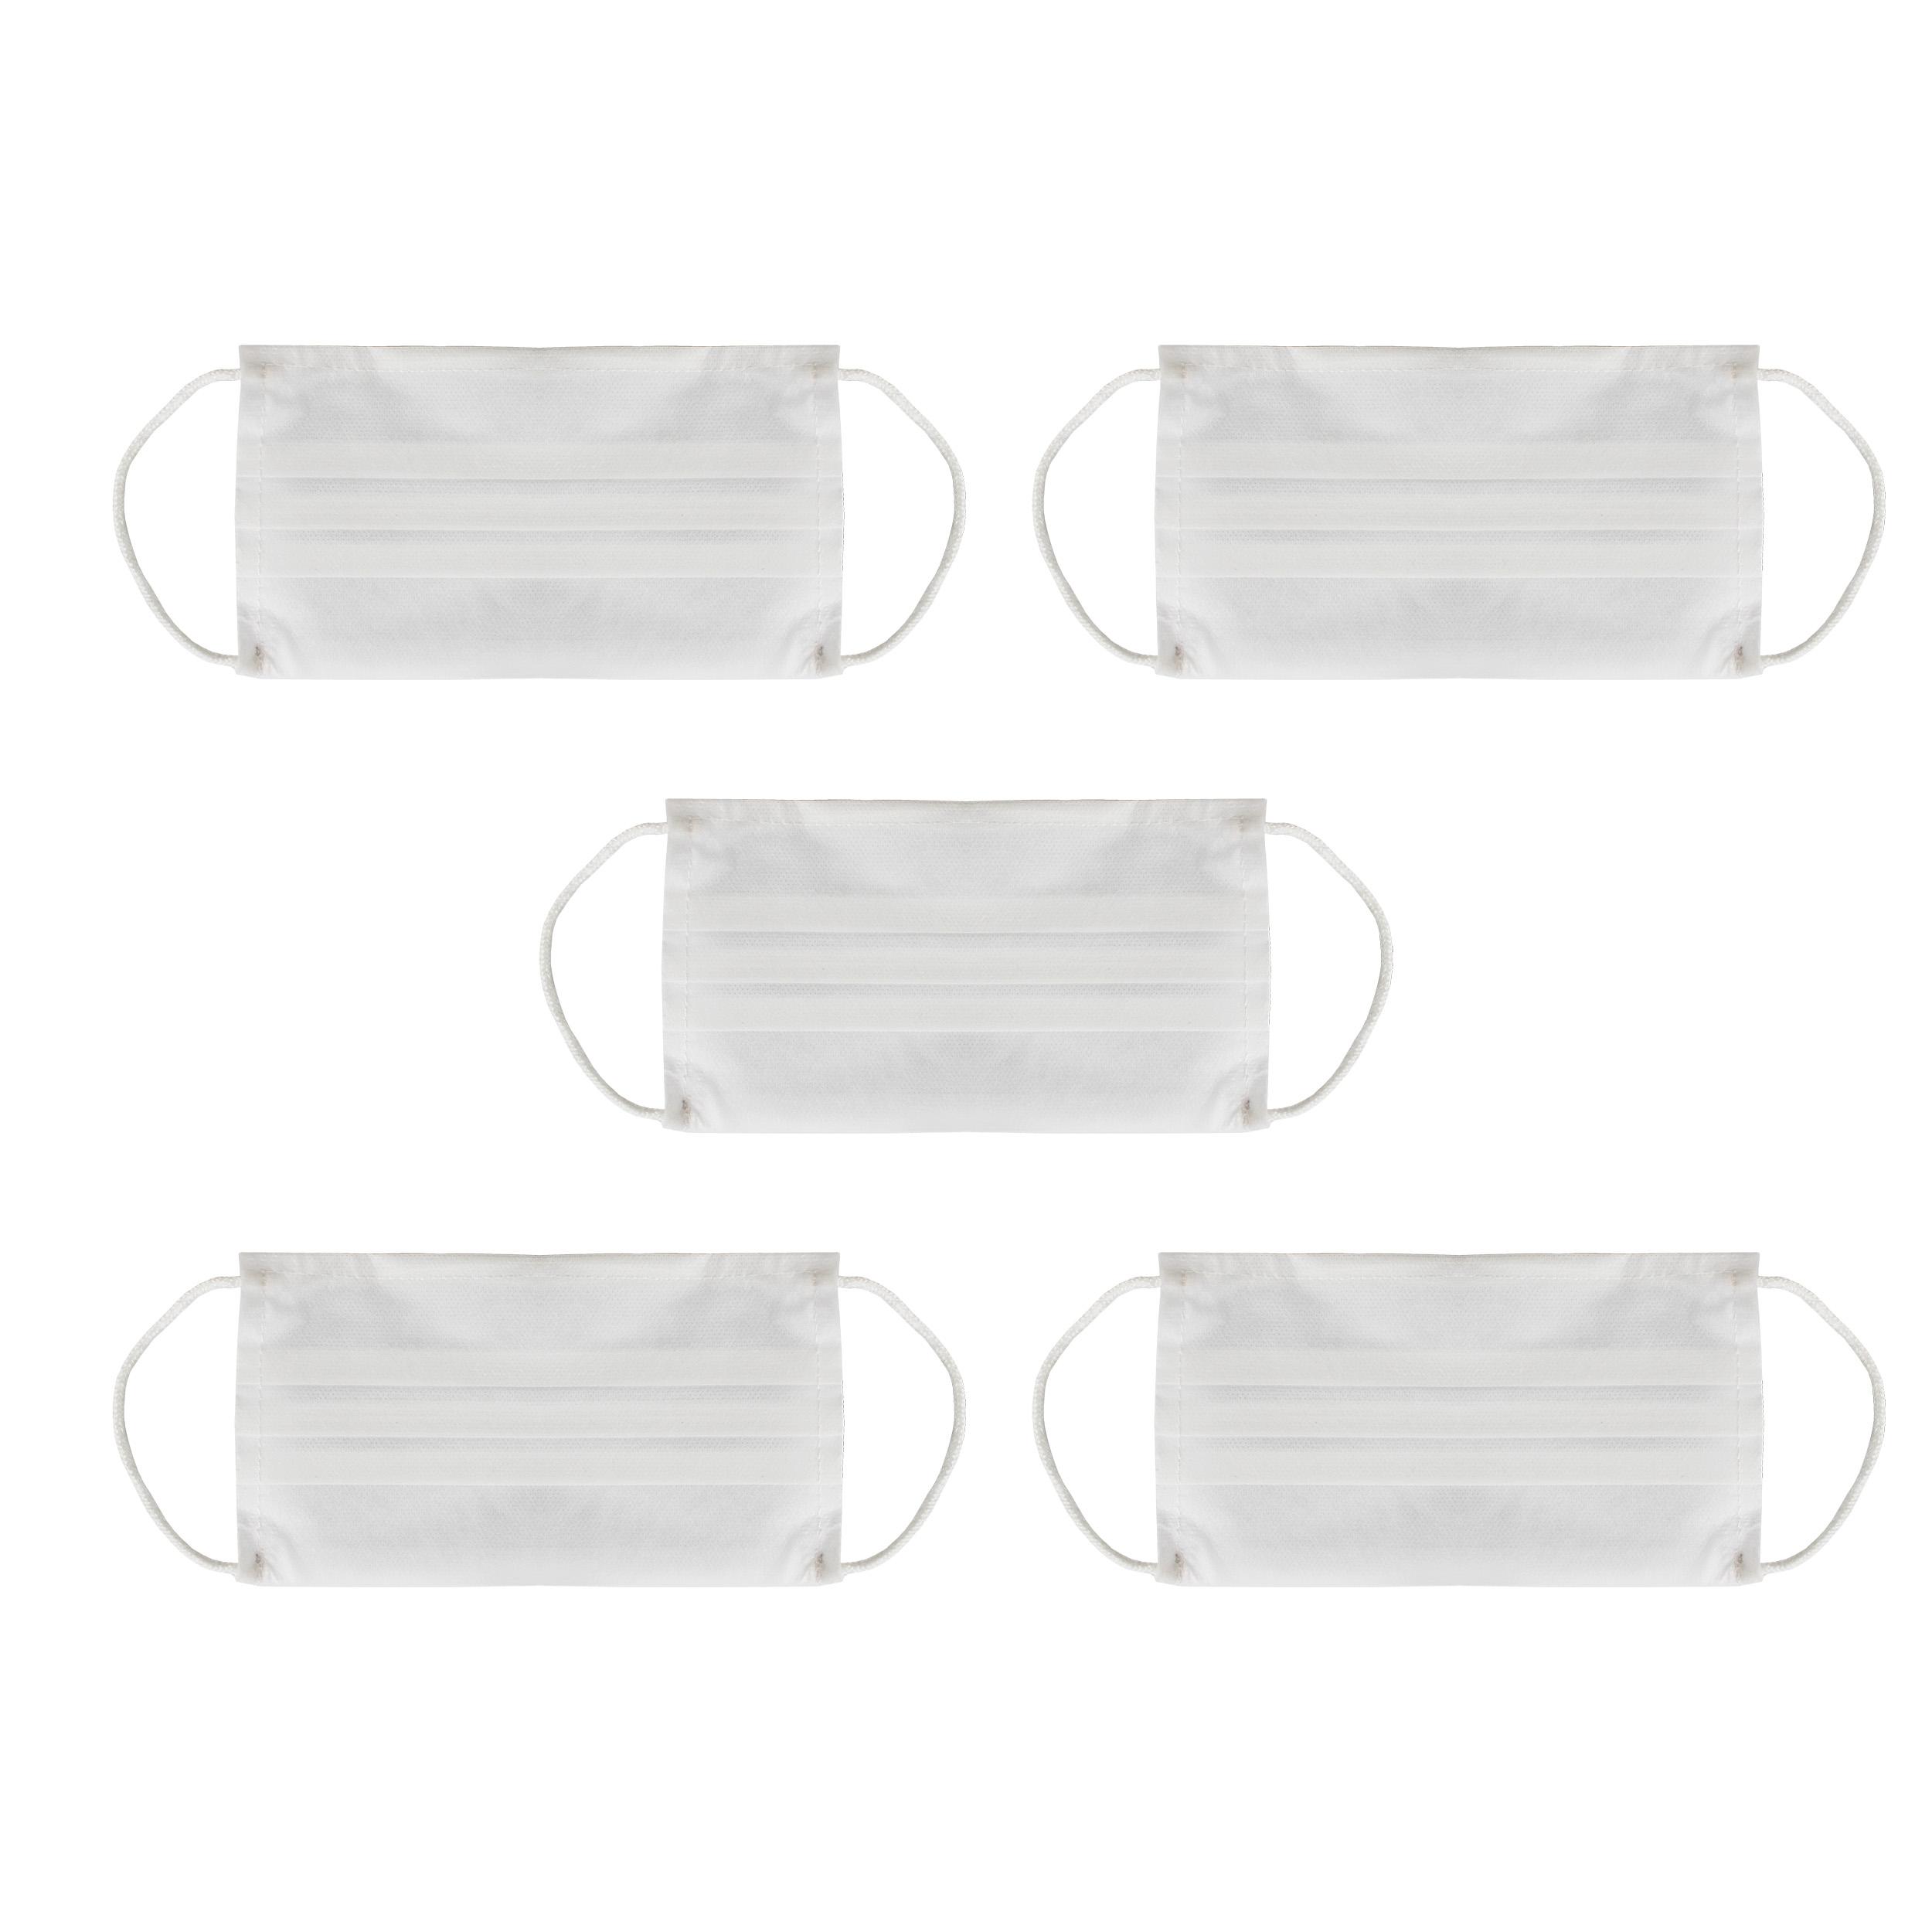 ماسک تنفسی مدل DX6 بسته 50 عددی